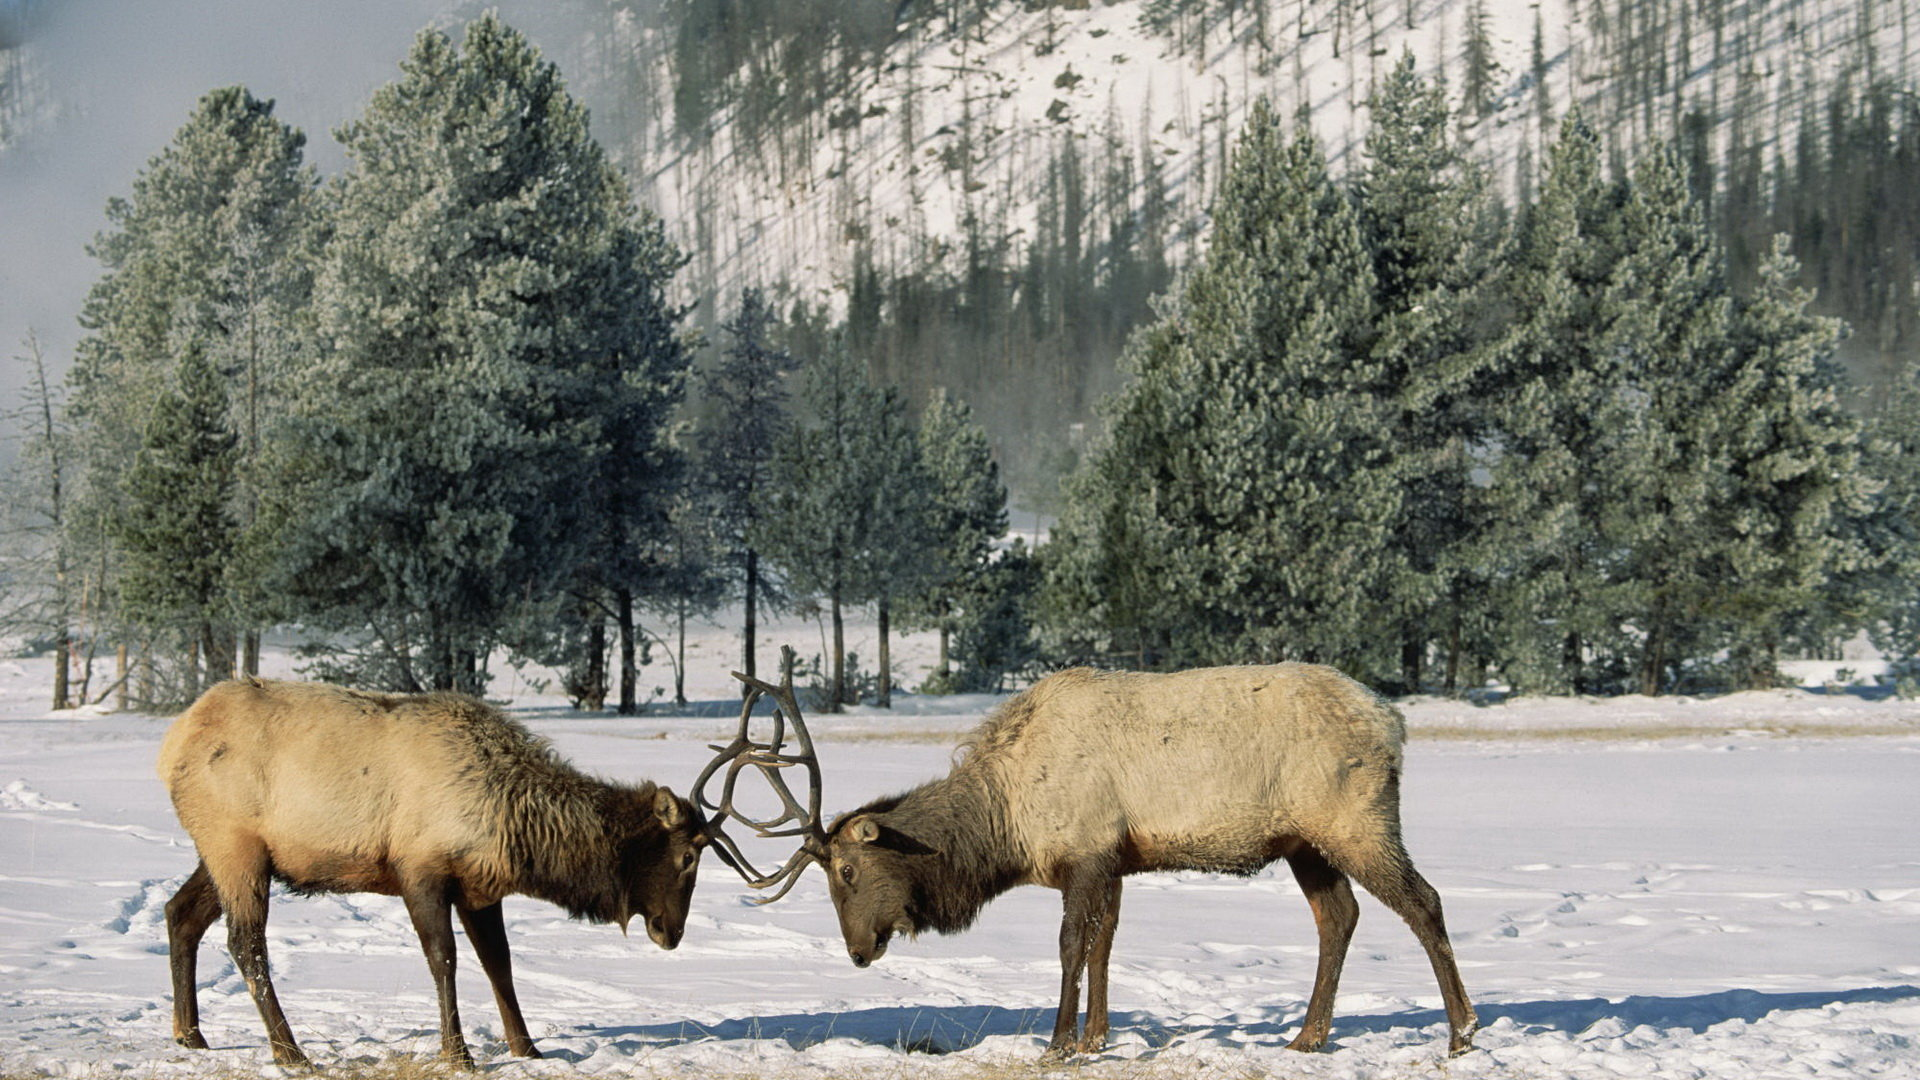 Elk hd 1920x1080 wallpaper ID:248463